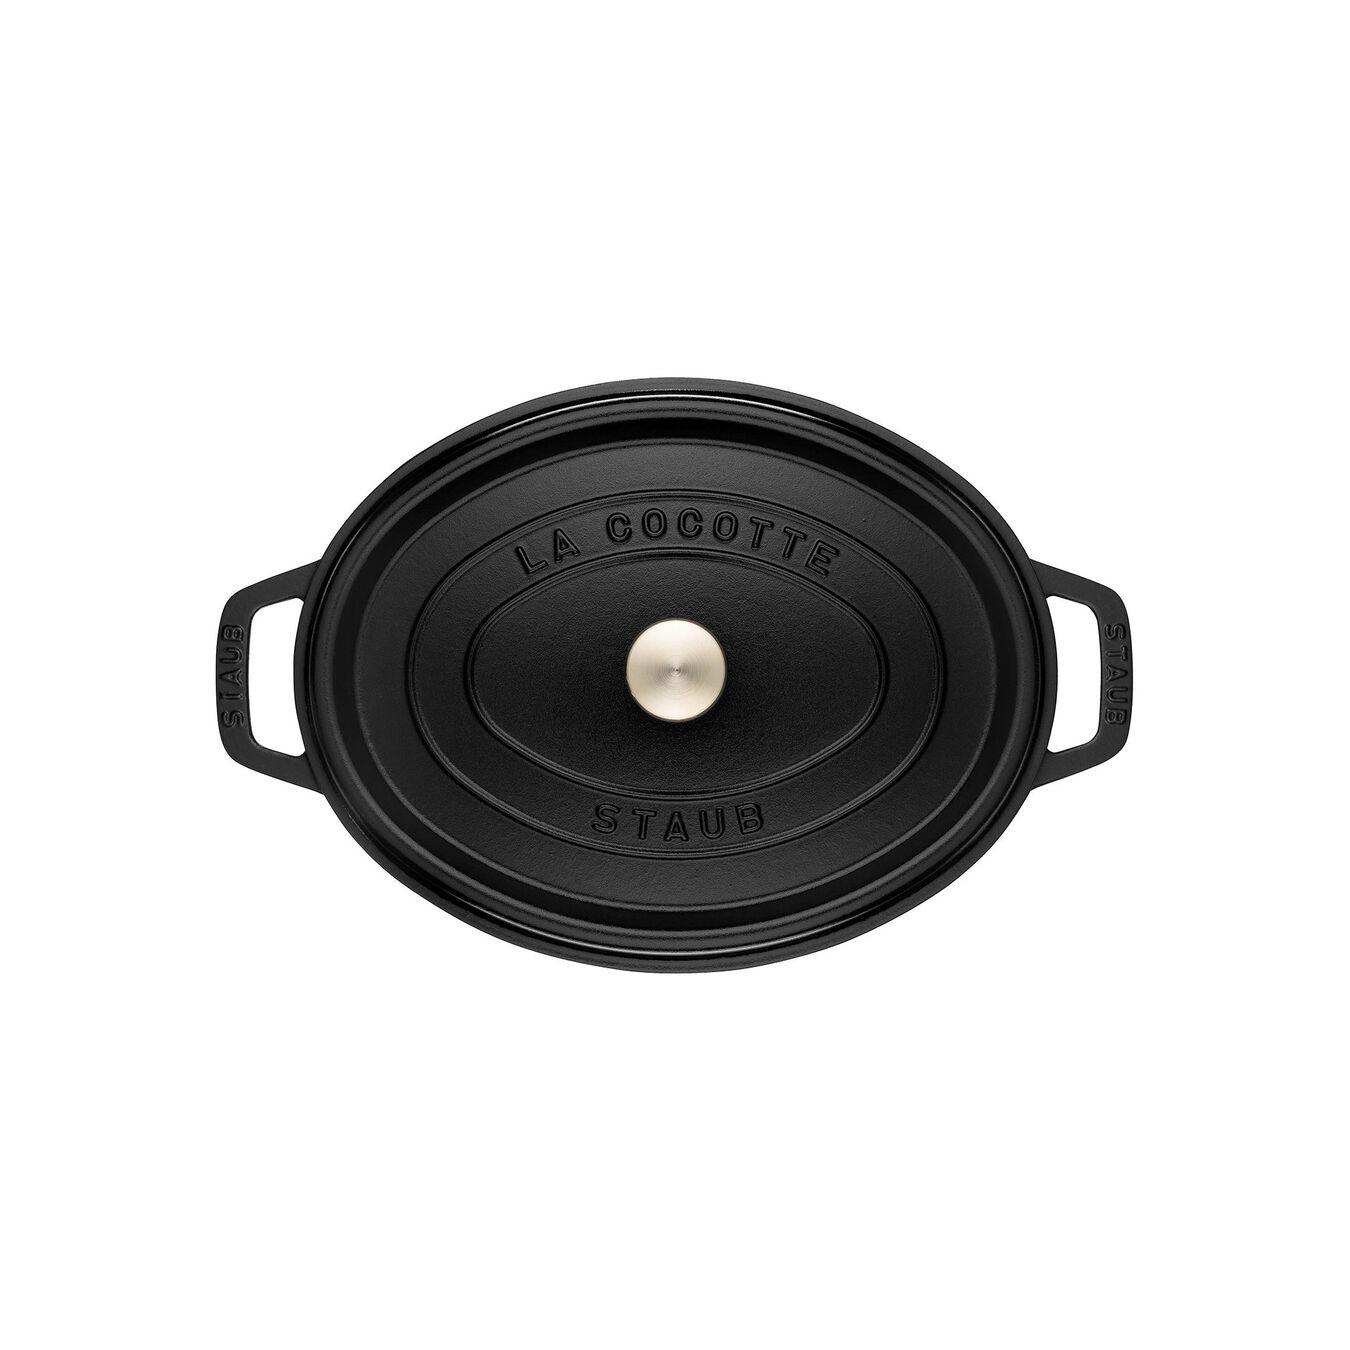 Cocotte 23 cm, Ovale, Noir, Fonte,,large 2